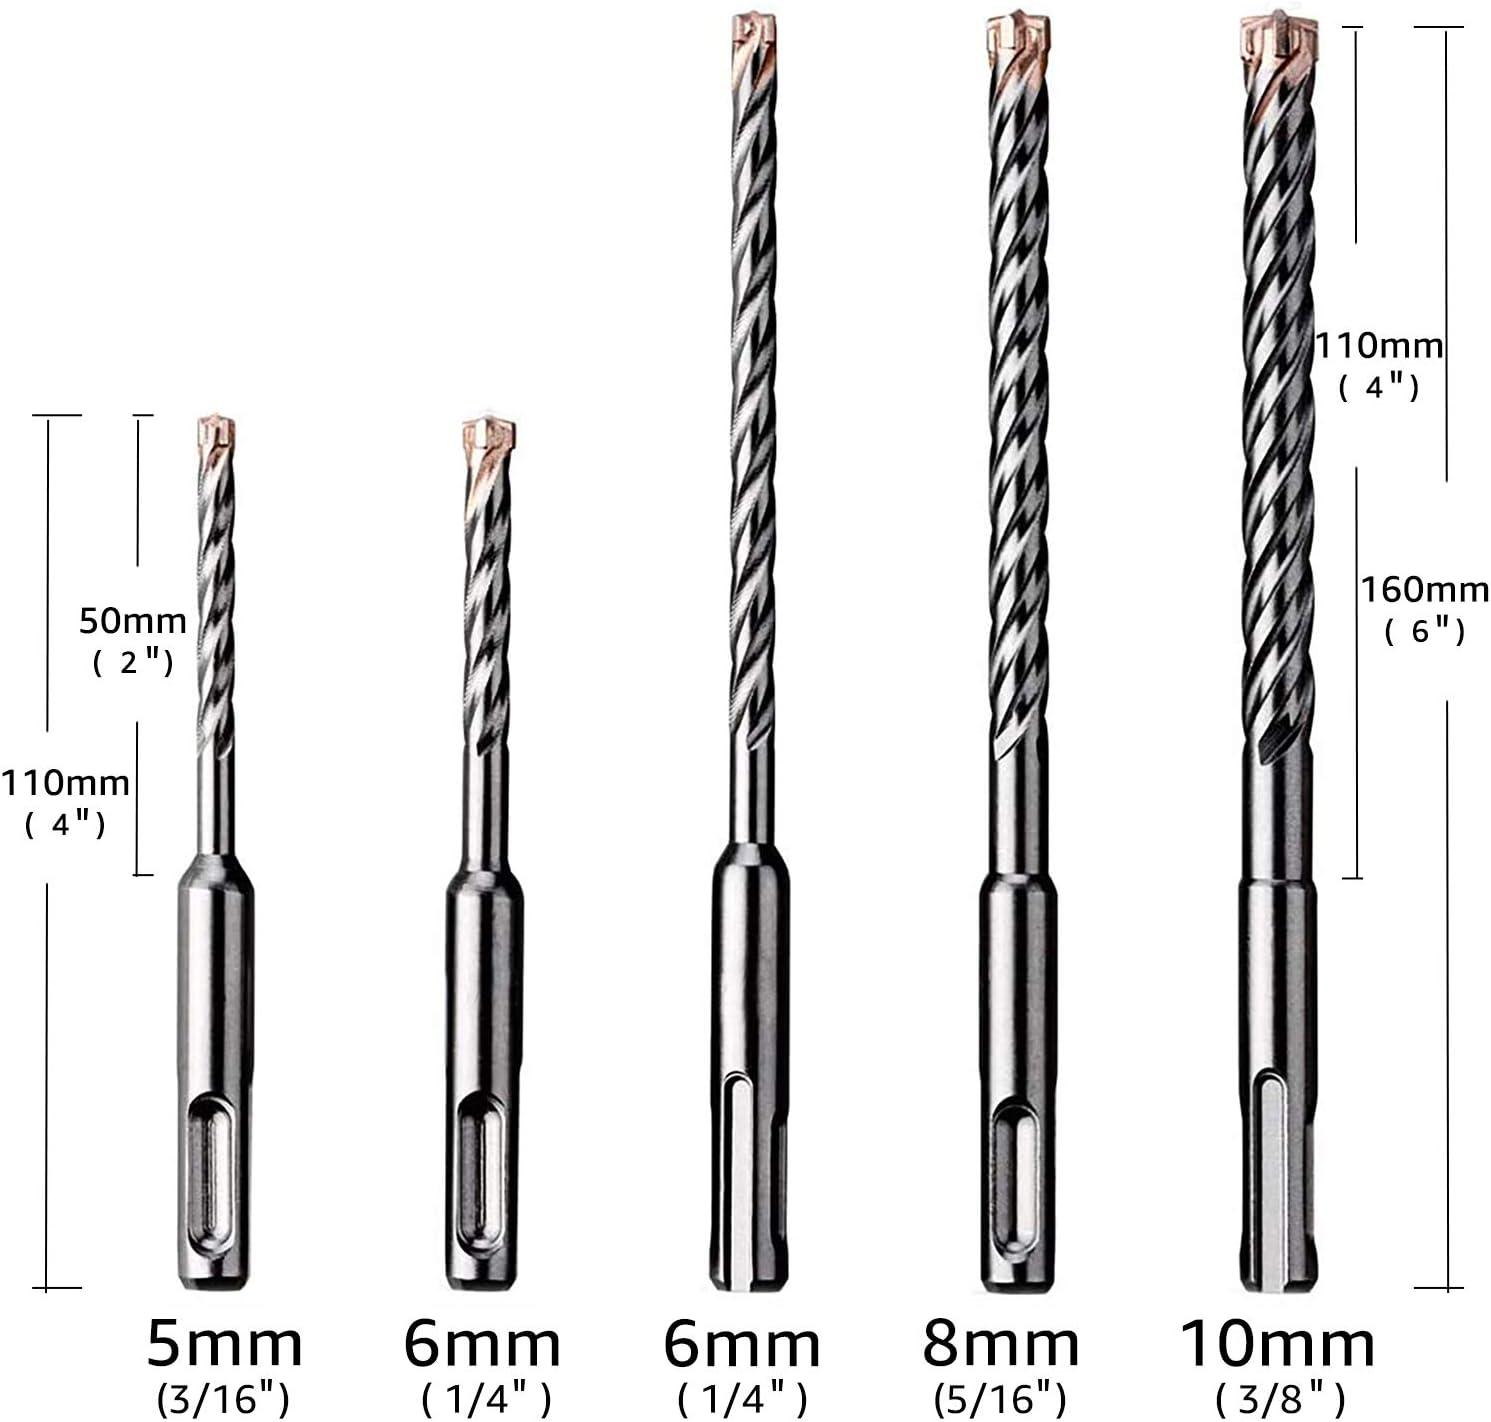 EZARC Professional 5 tlg Hammerbohrer SDS Plus 4-Cutter f/ür Beton und Mauerwerk, Robust Line, Zubeh/ör Bohrhammer